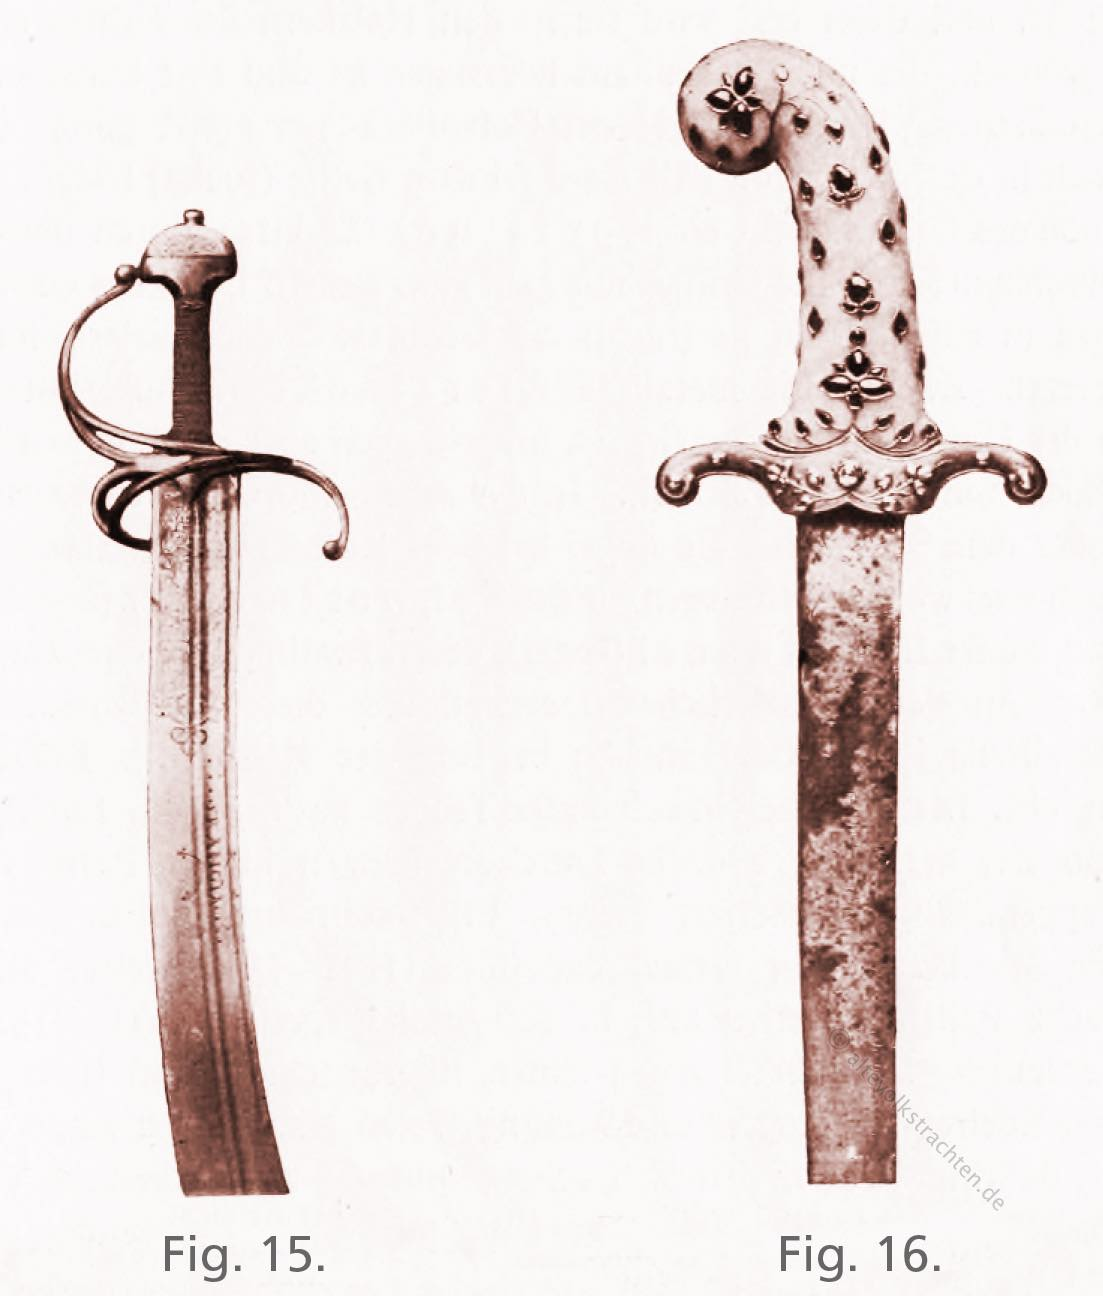 Säbel, Waffen, Mittelalter, Waffensammlung,